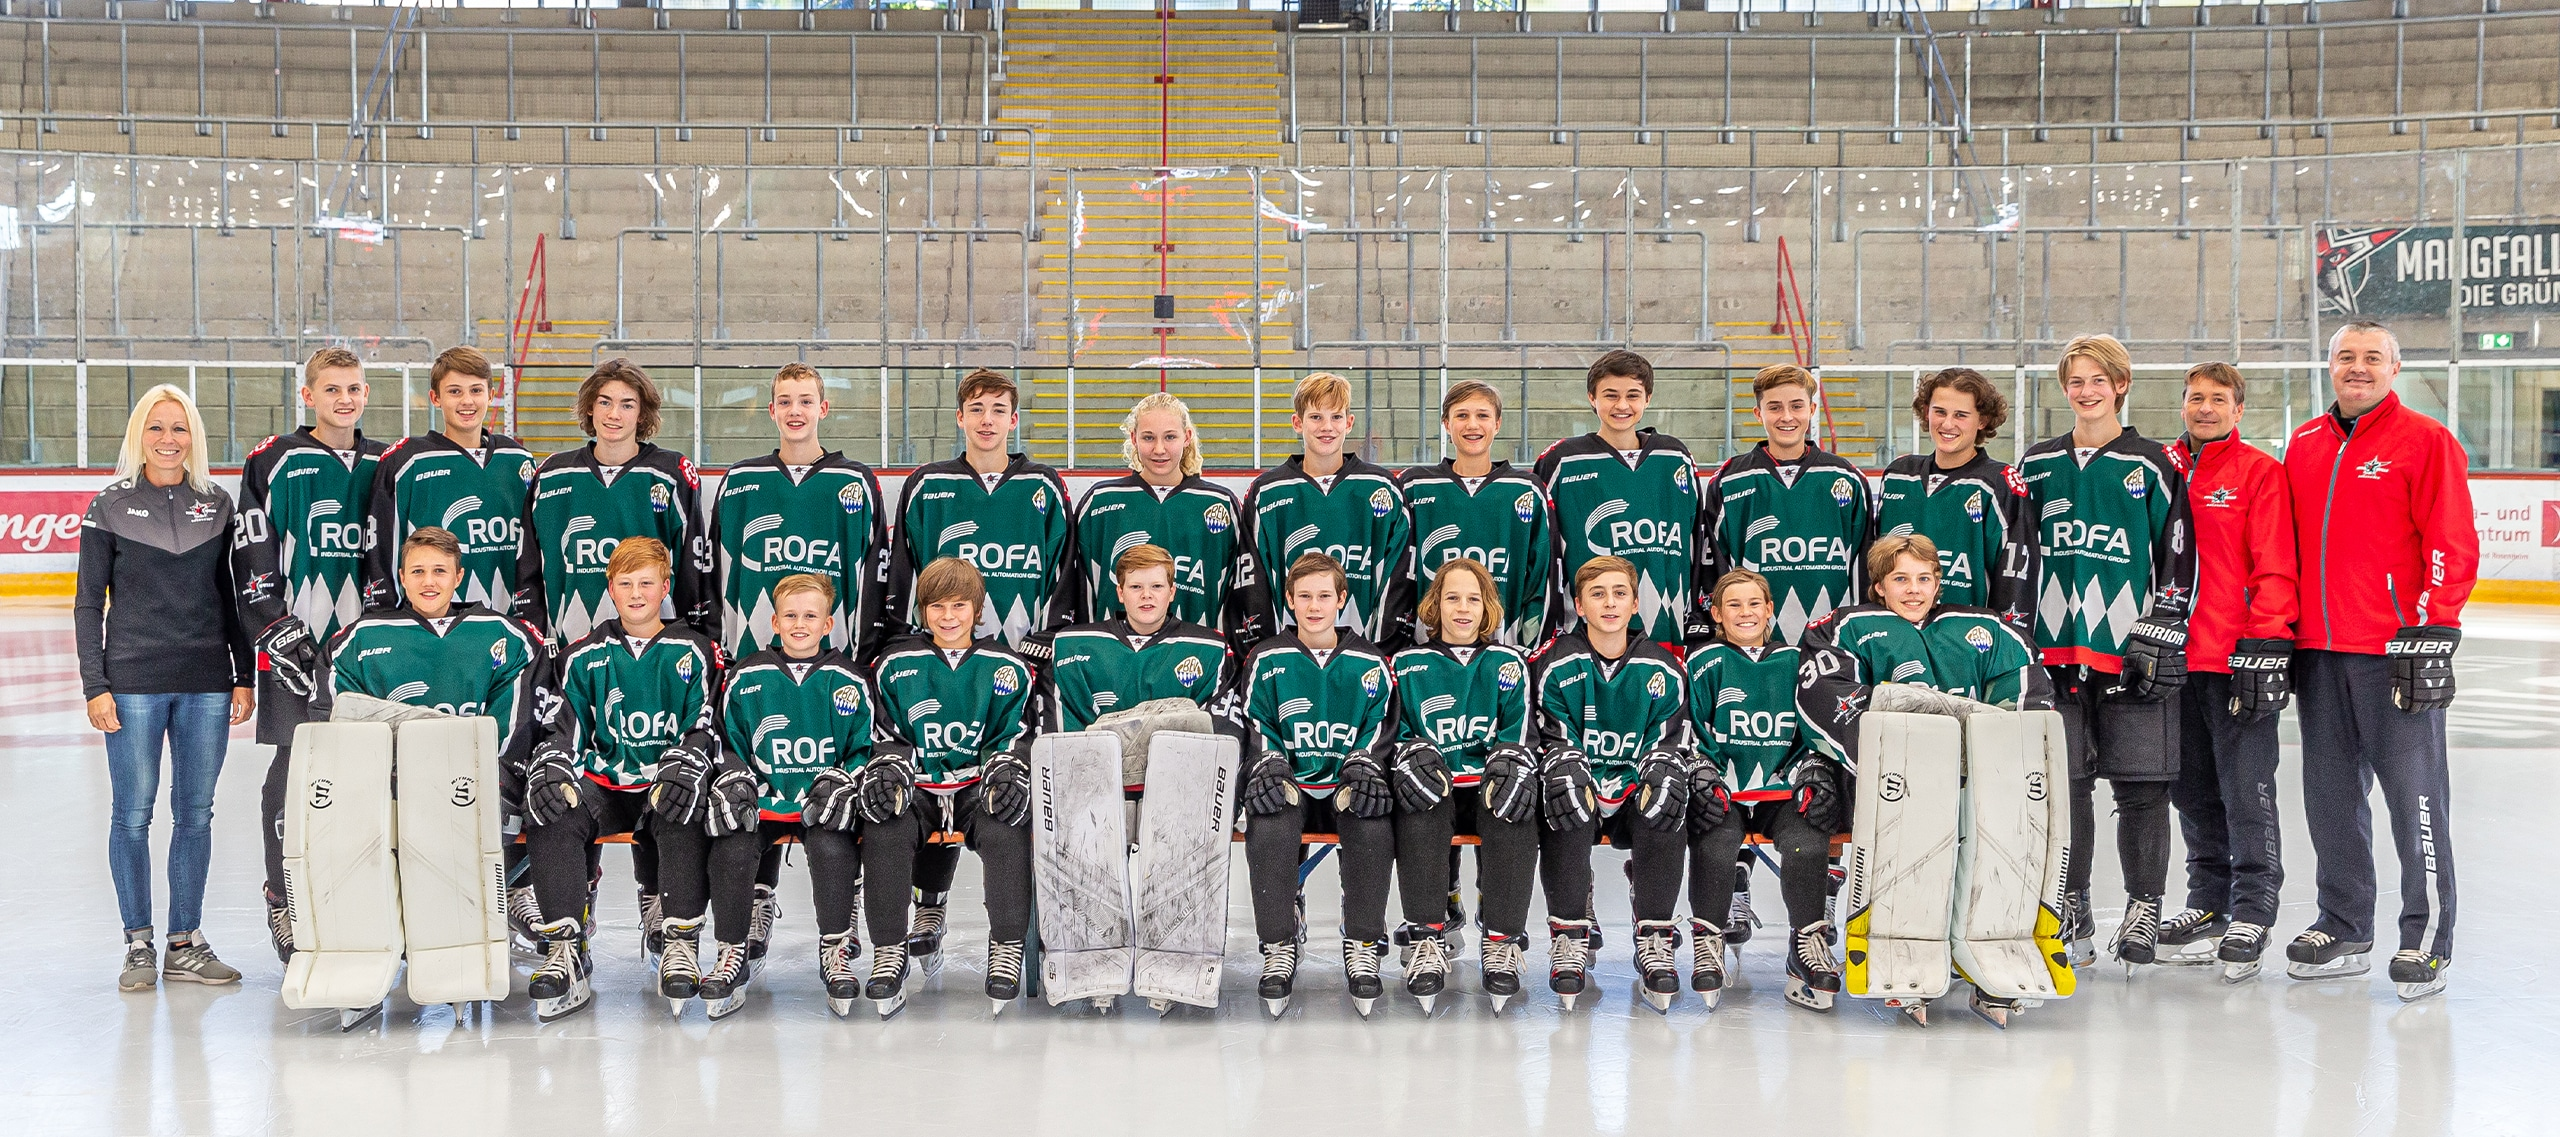 U15 Mannschaftsfoto - U15 Schüler